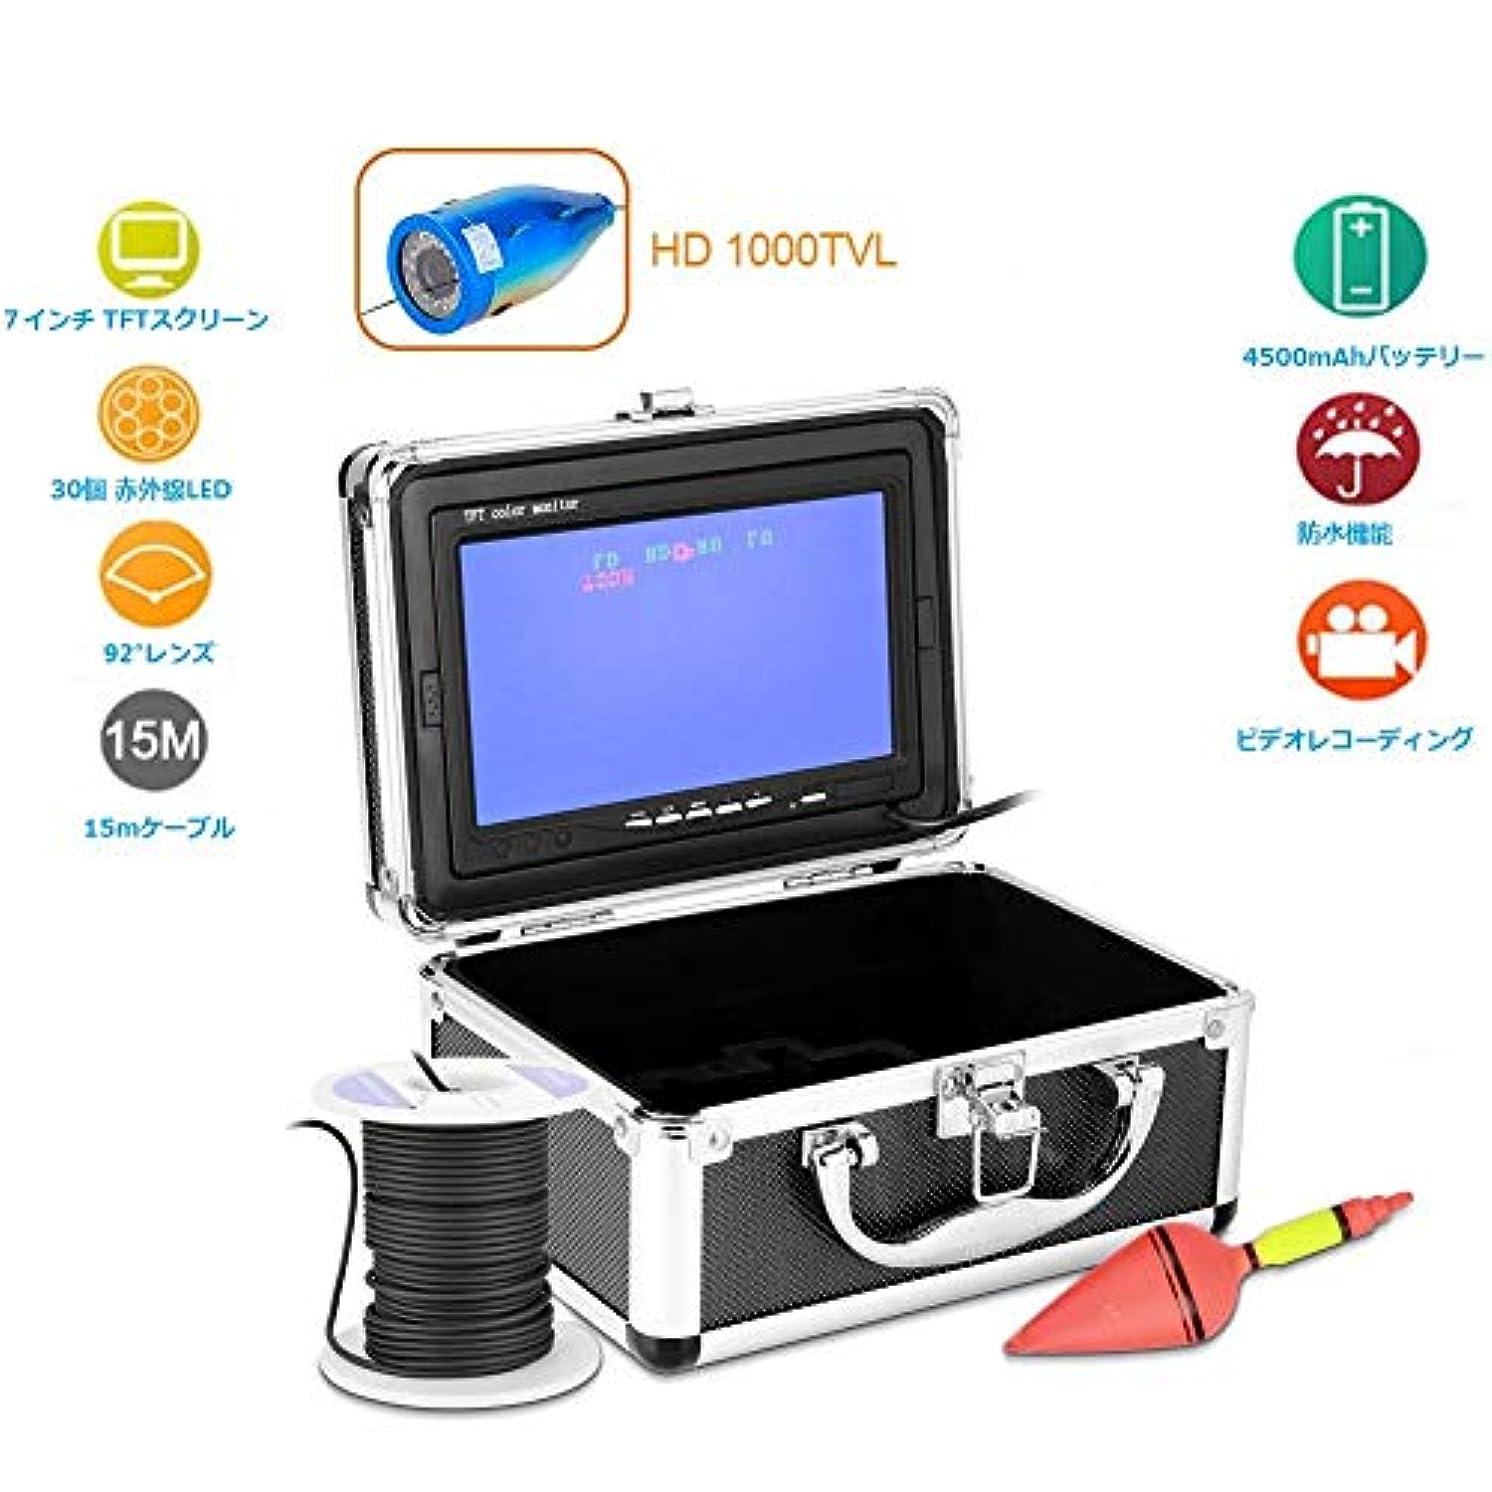 究極の銀行金曜日水中ビデオカメラ VBESTLIFE 水中 魚群探知機 フィッシュファインダー HD 960 * 480 高解像度 WiFi IP68防水 耐寒性 耐引裂性 30個LED搭載 暗視 釣りの必需品(USプラグ)